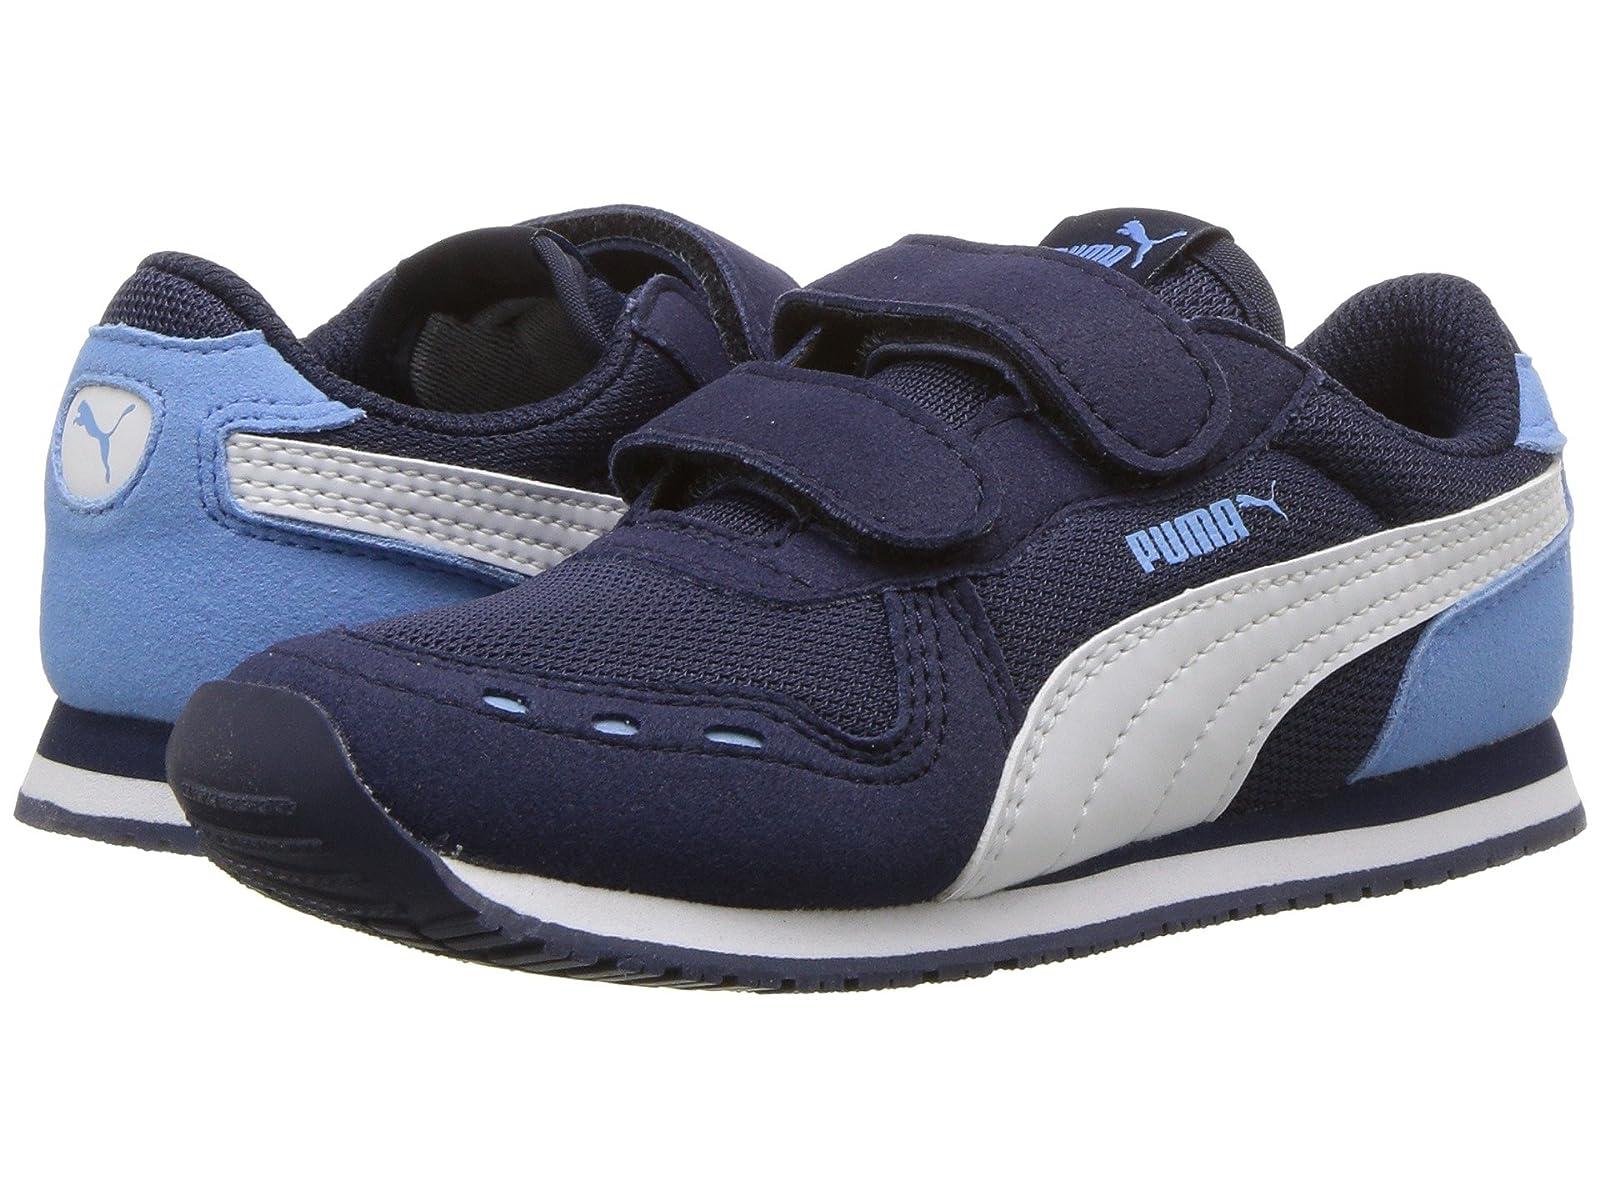 Puma Kids Cabana Racer Mesh V (Toddler)Atmospheric grades have affordable shoes